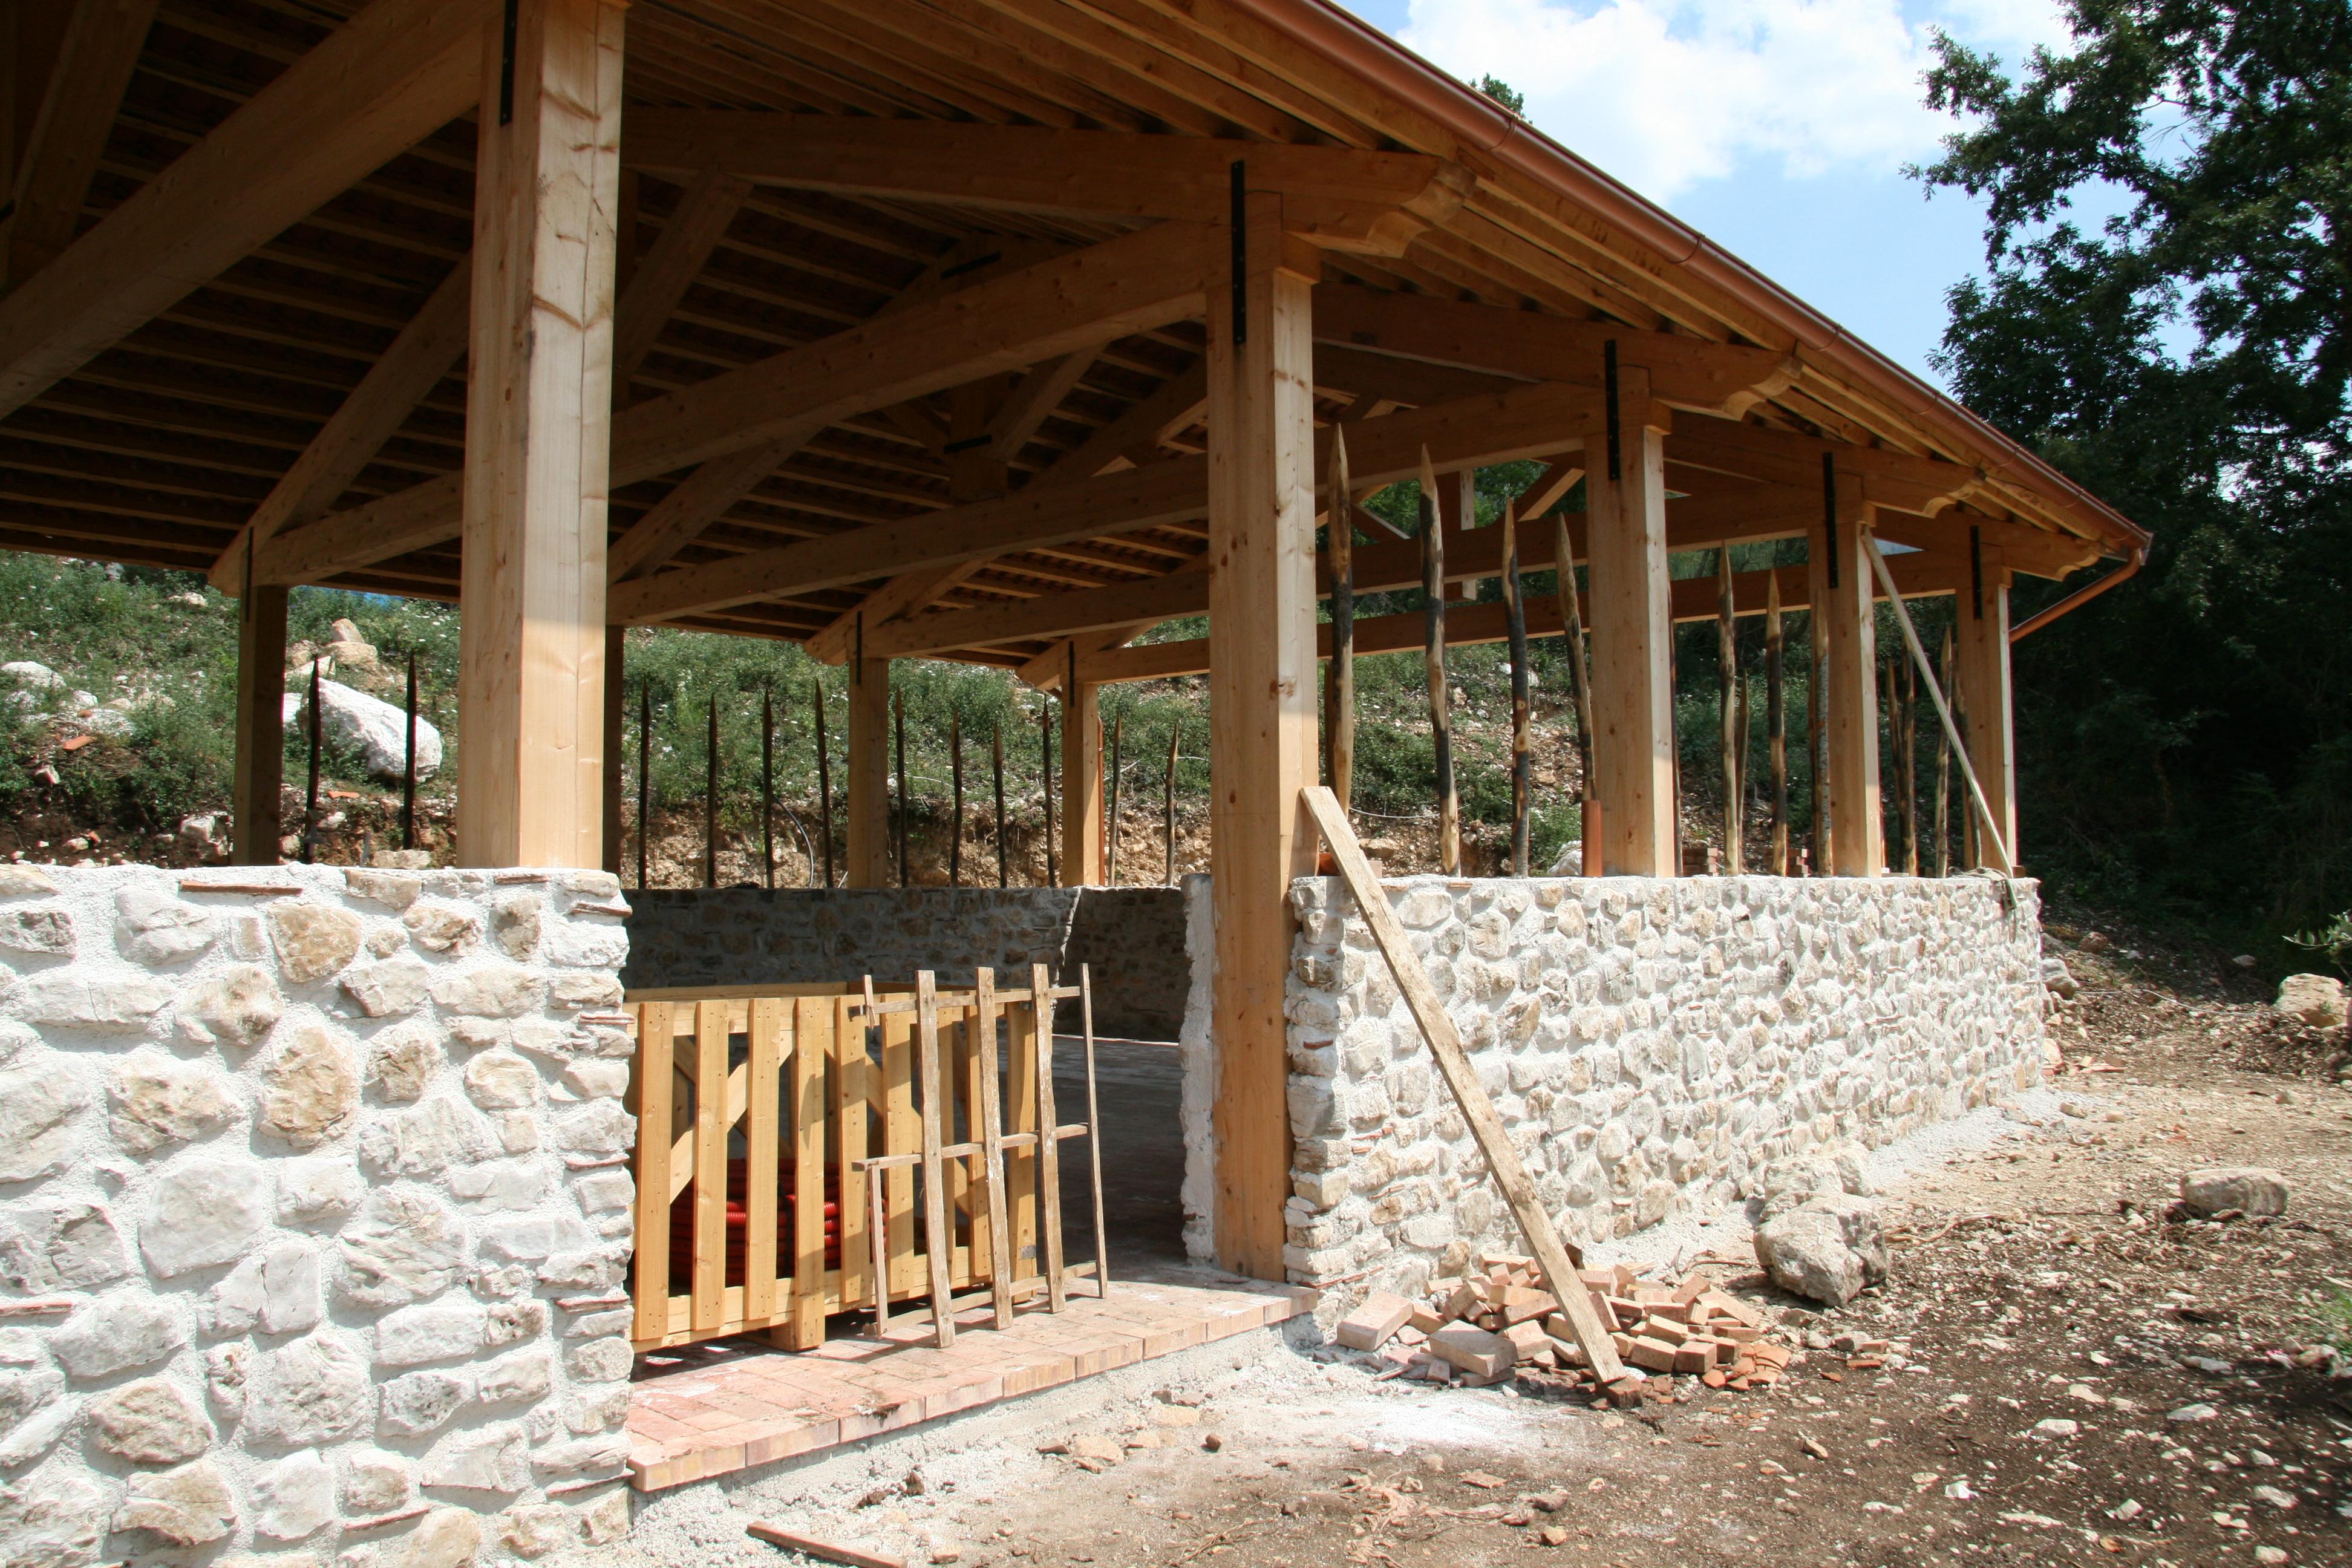 Casa di paglia stalla bioarchiettura sostenibile tempa del - Costruire casa paglia ...